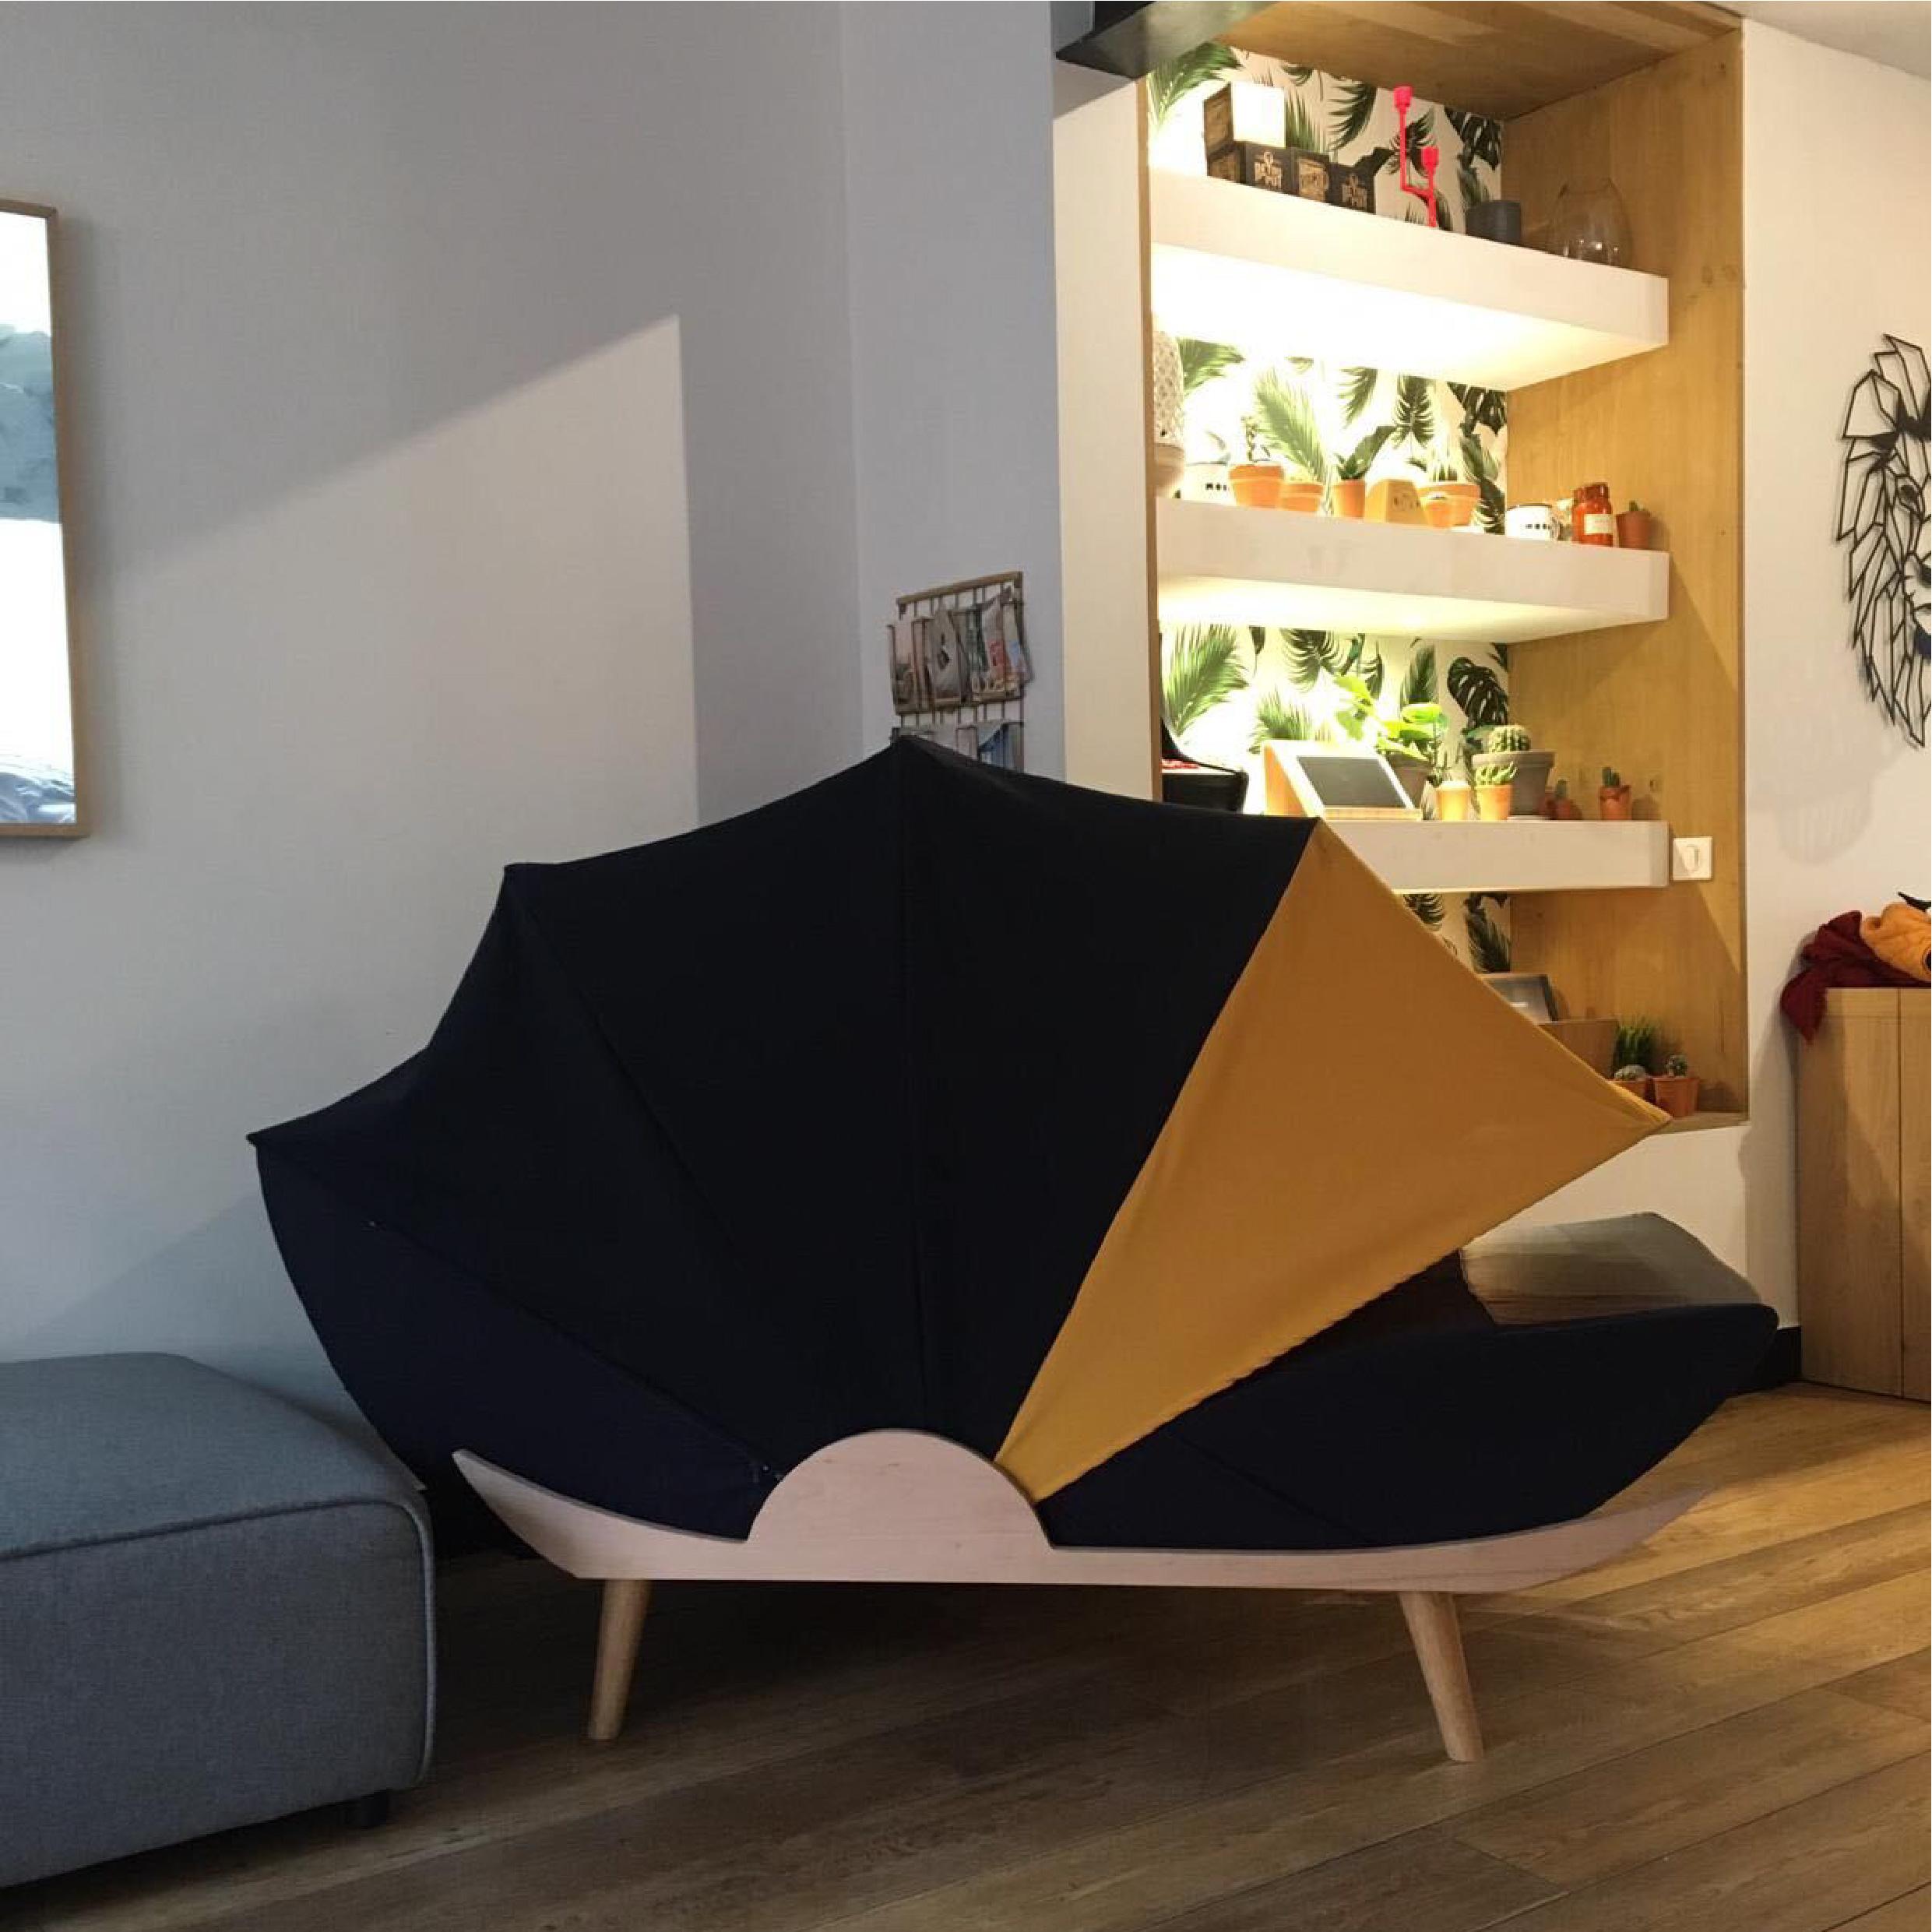 Mobilier de sieste pour les espaces de repos en entreprise